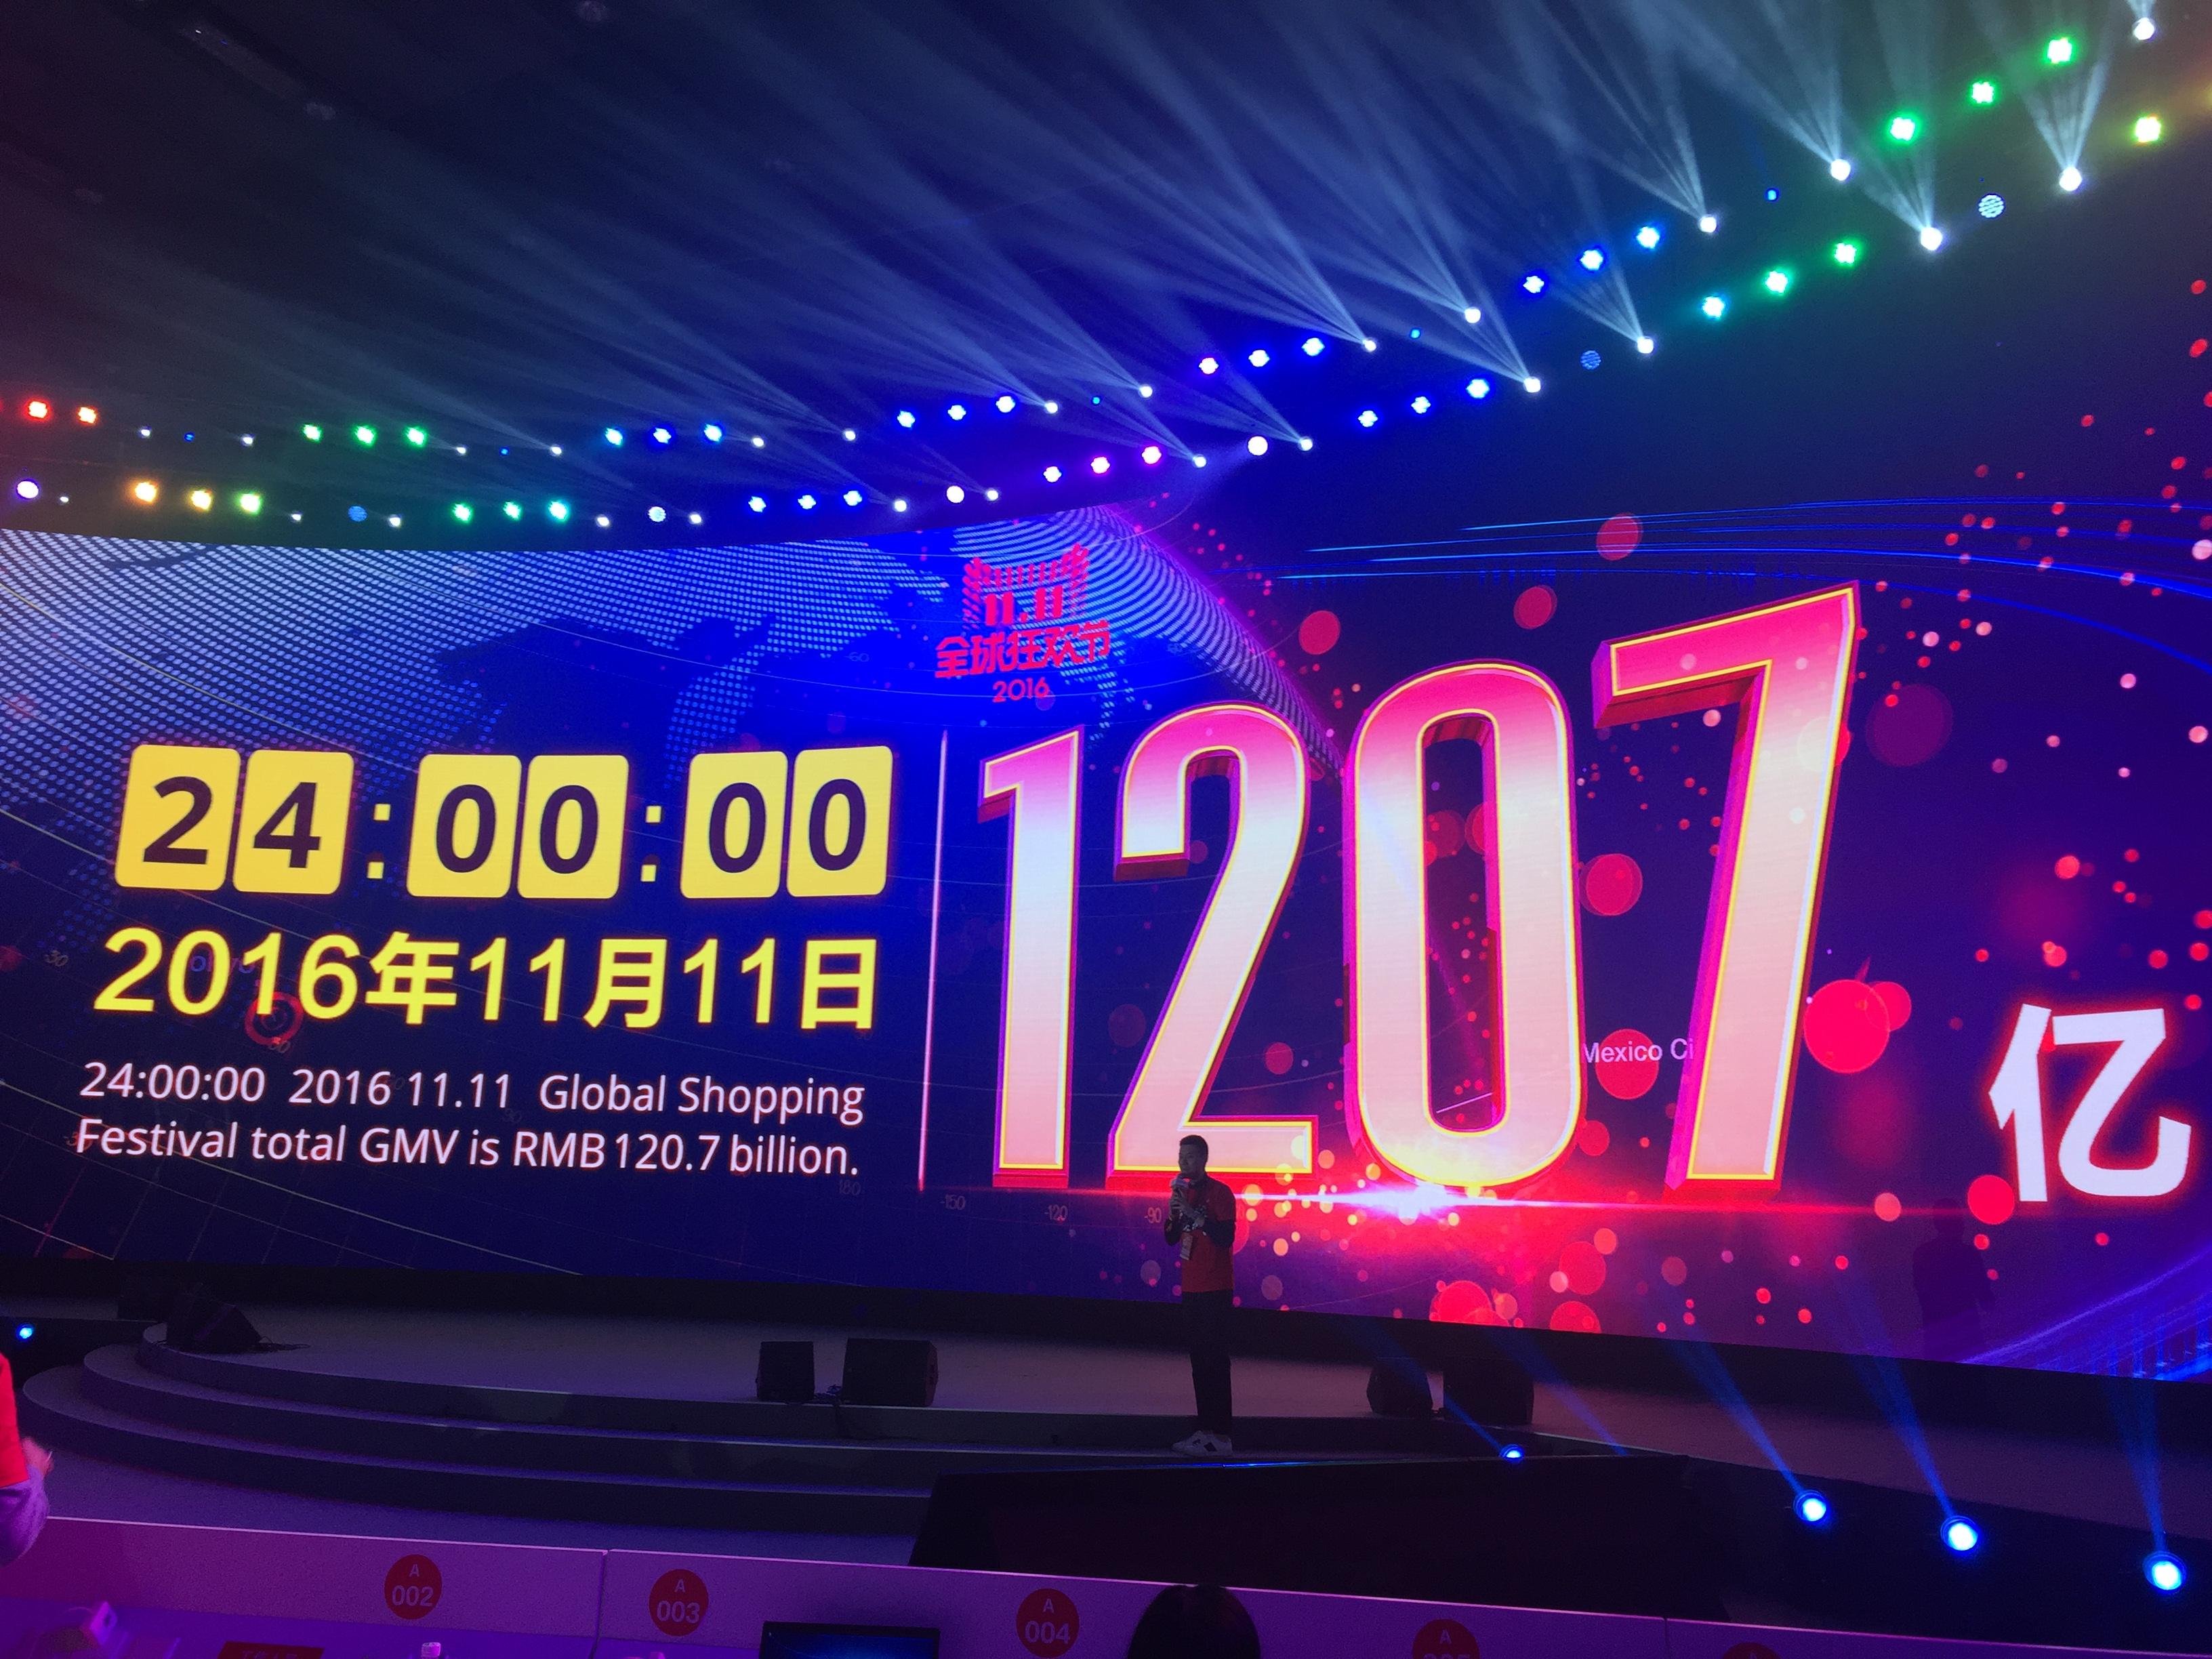 2016天猫双11谢幕 全天交易额突破1207亿